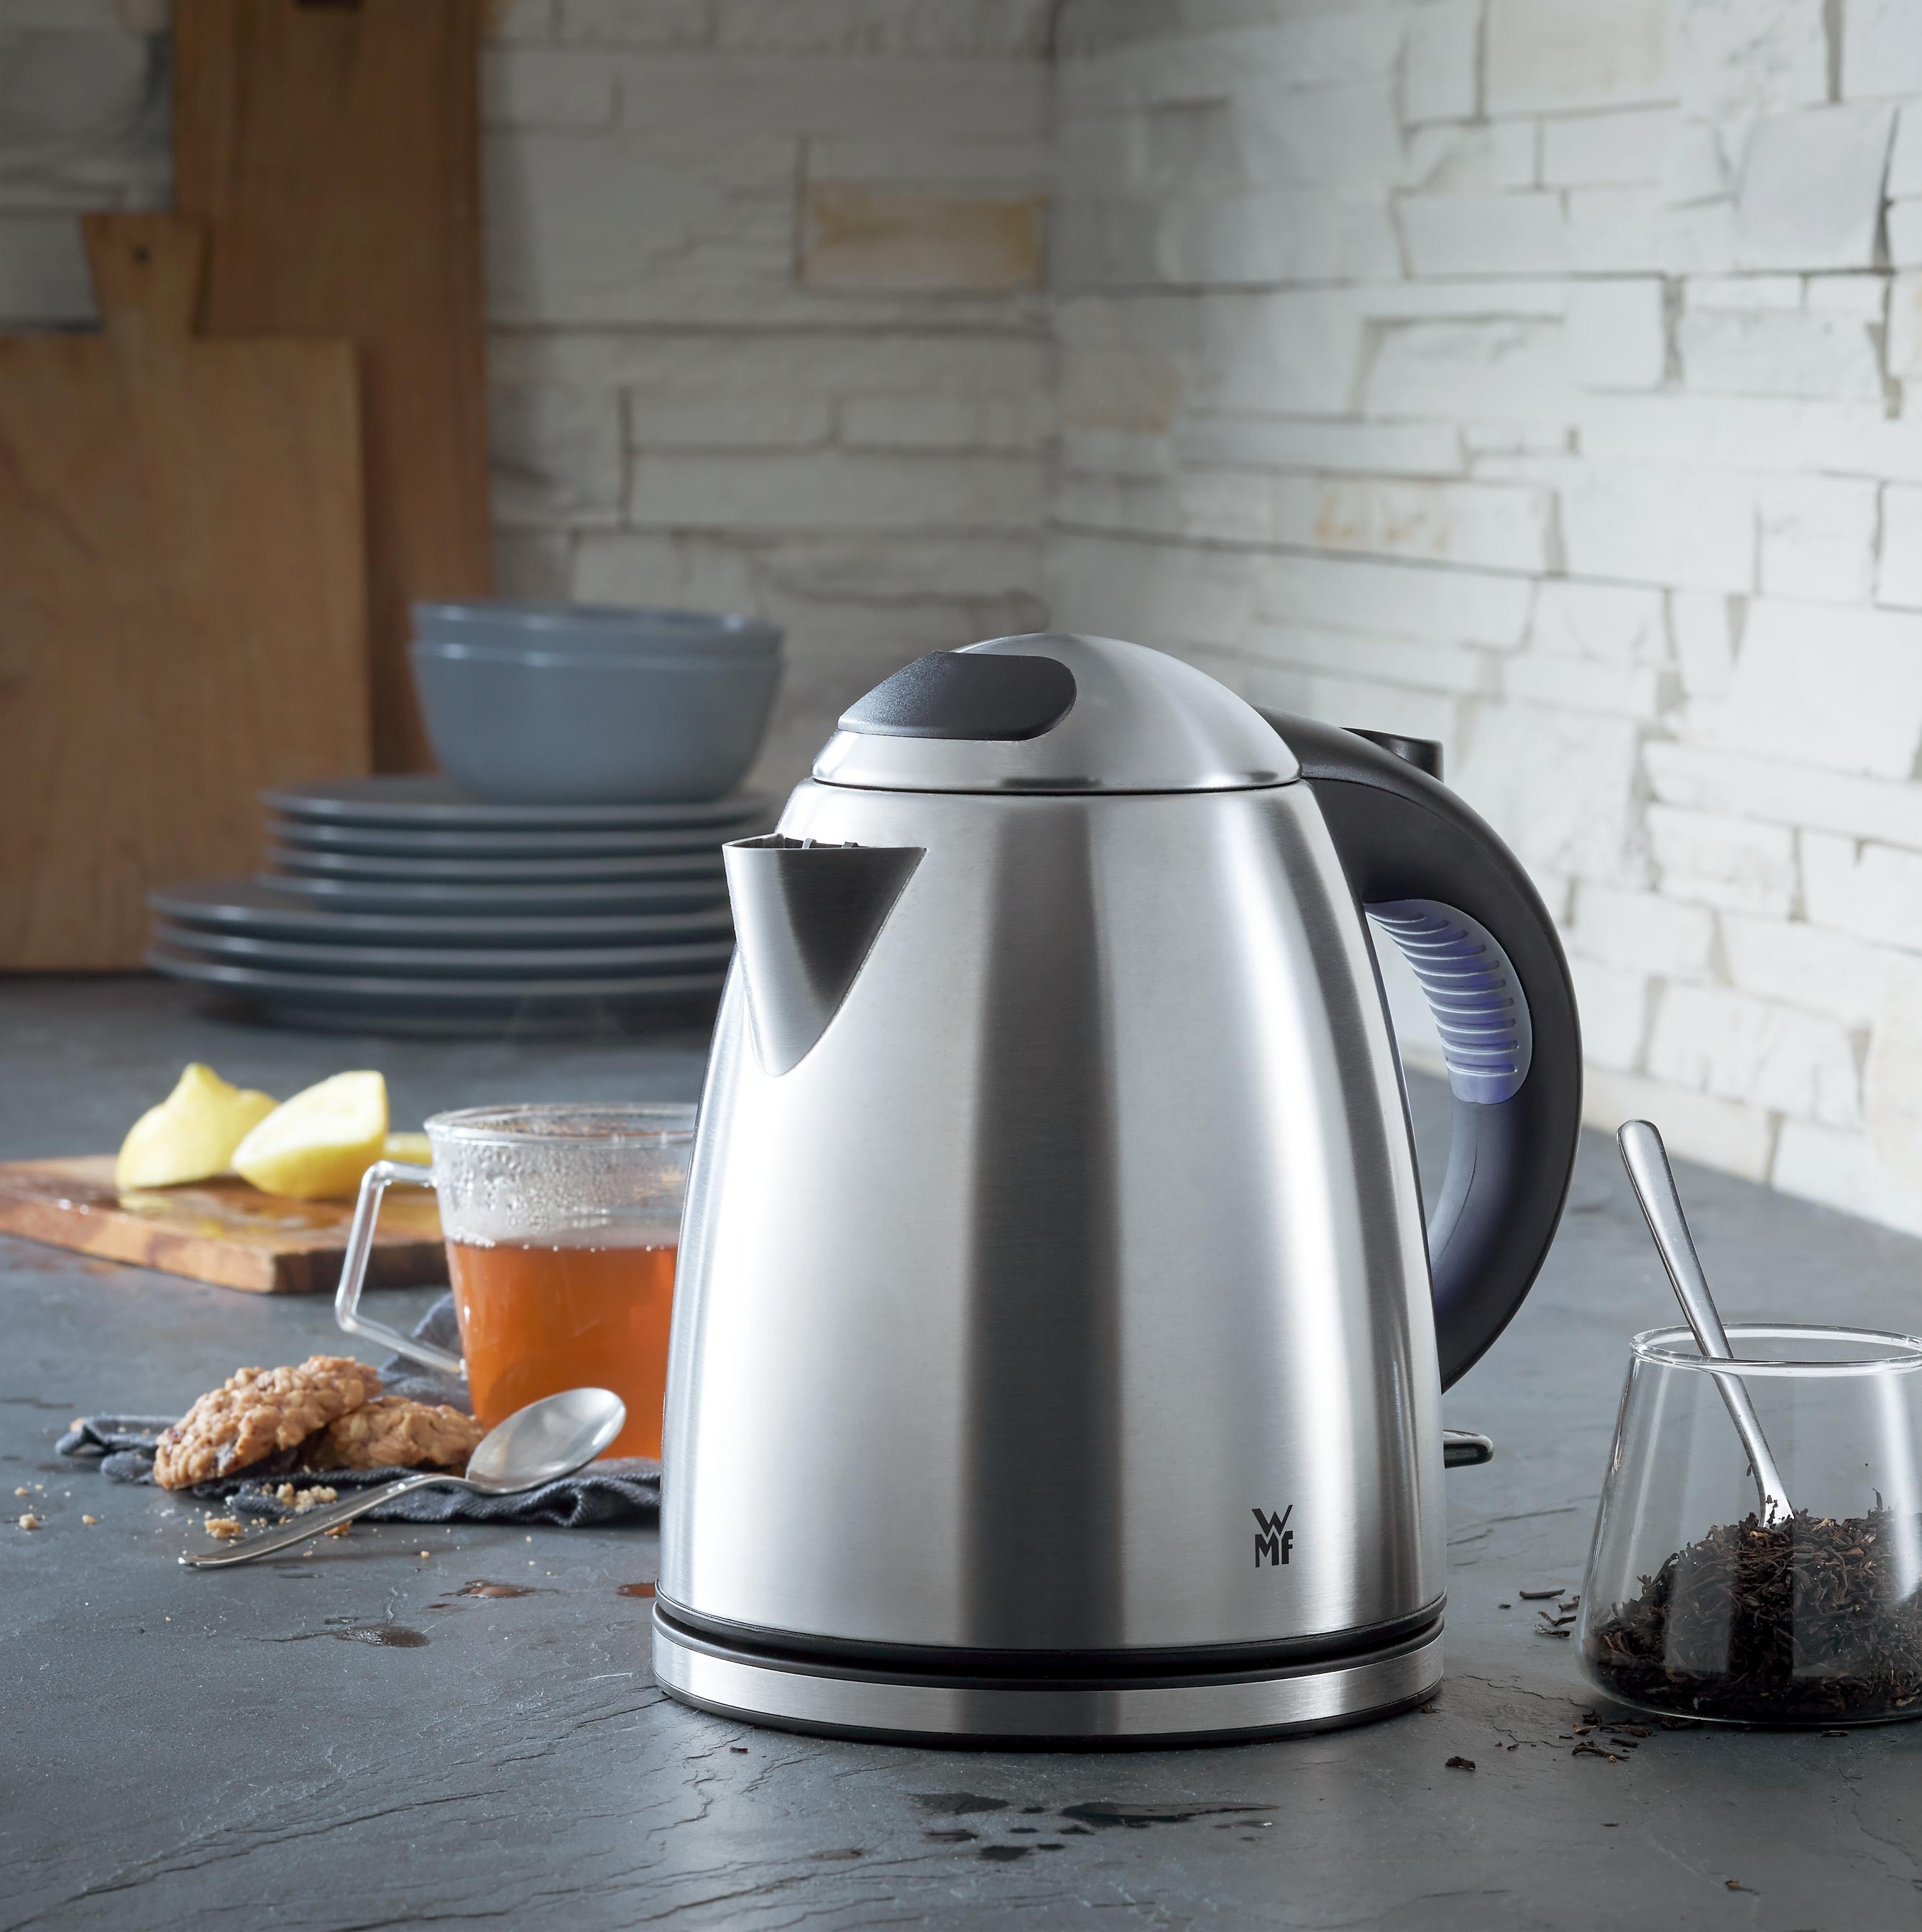 Zamansız ve şık tasarımı mutfağınıza zariflik katacak!